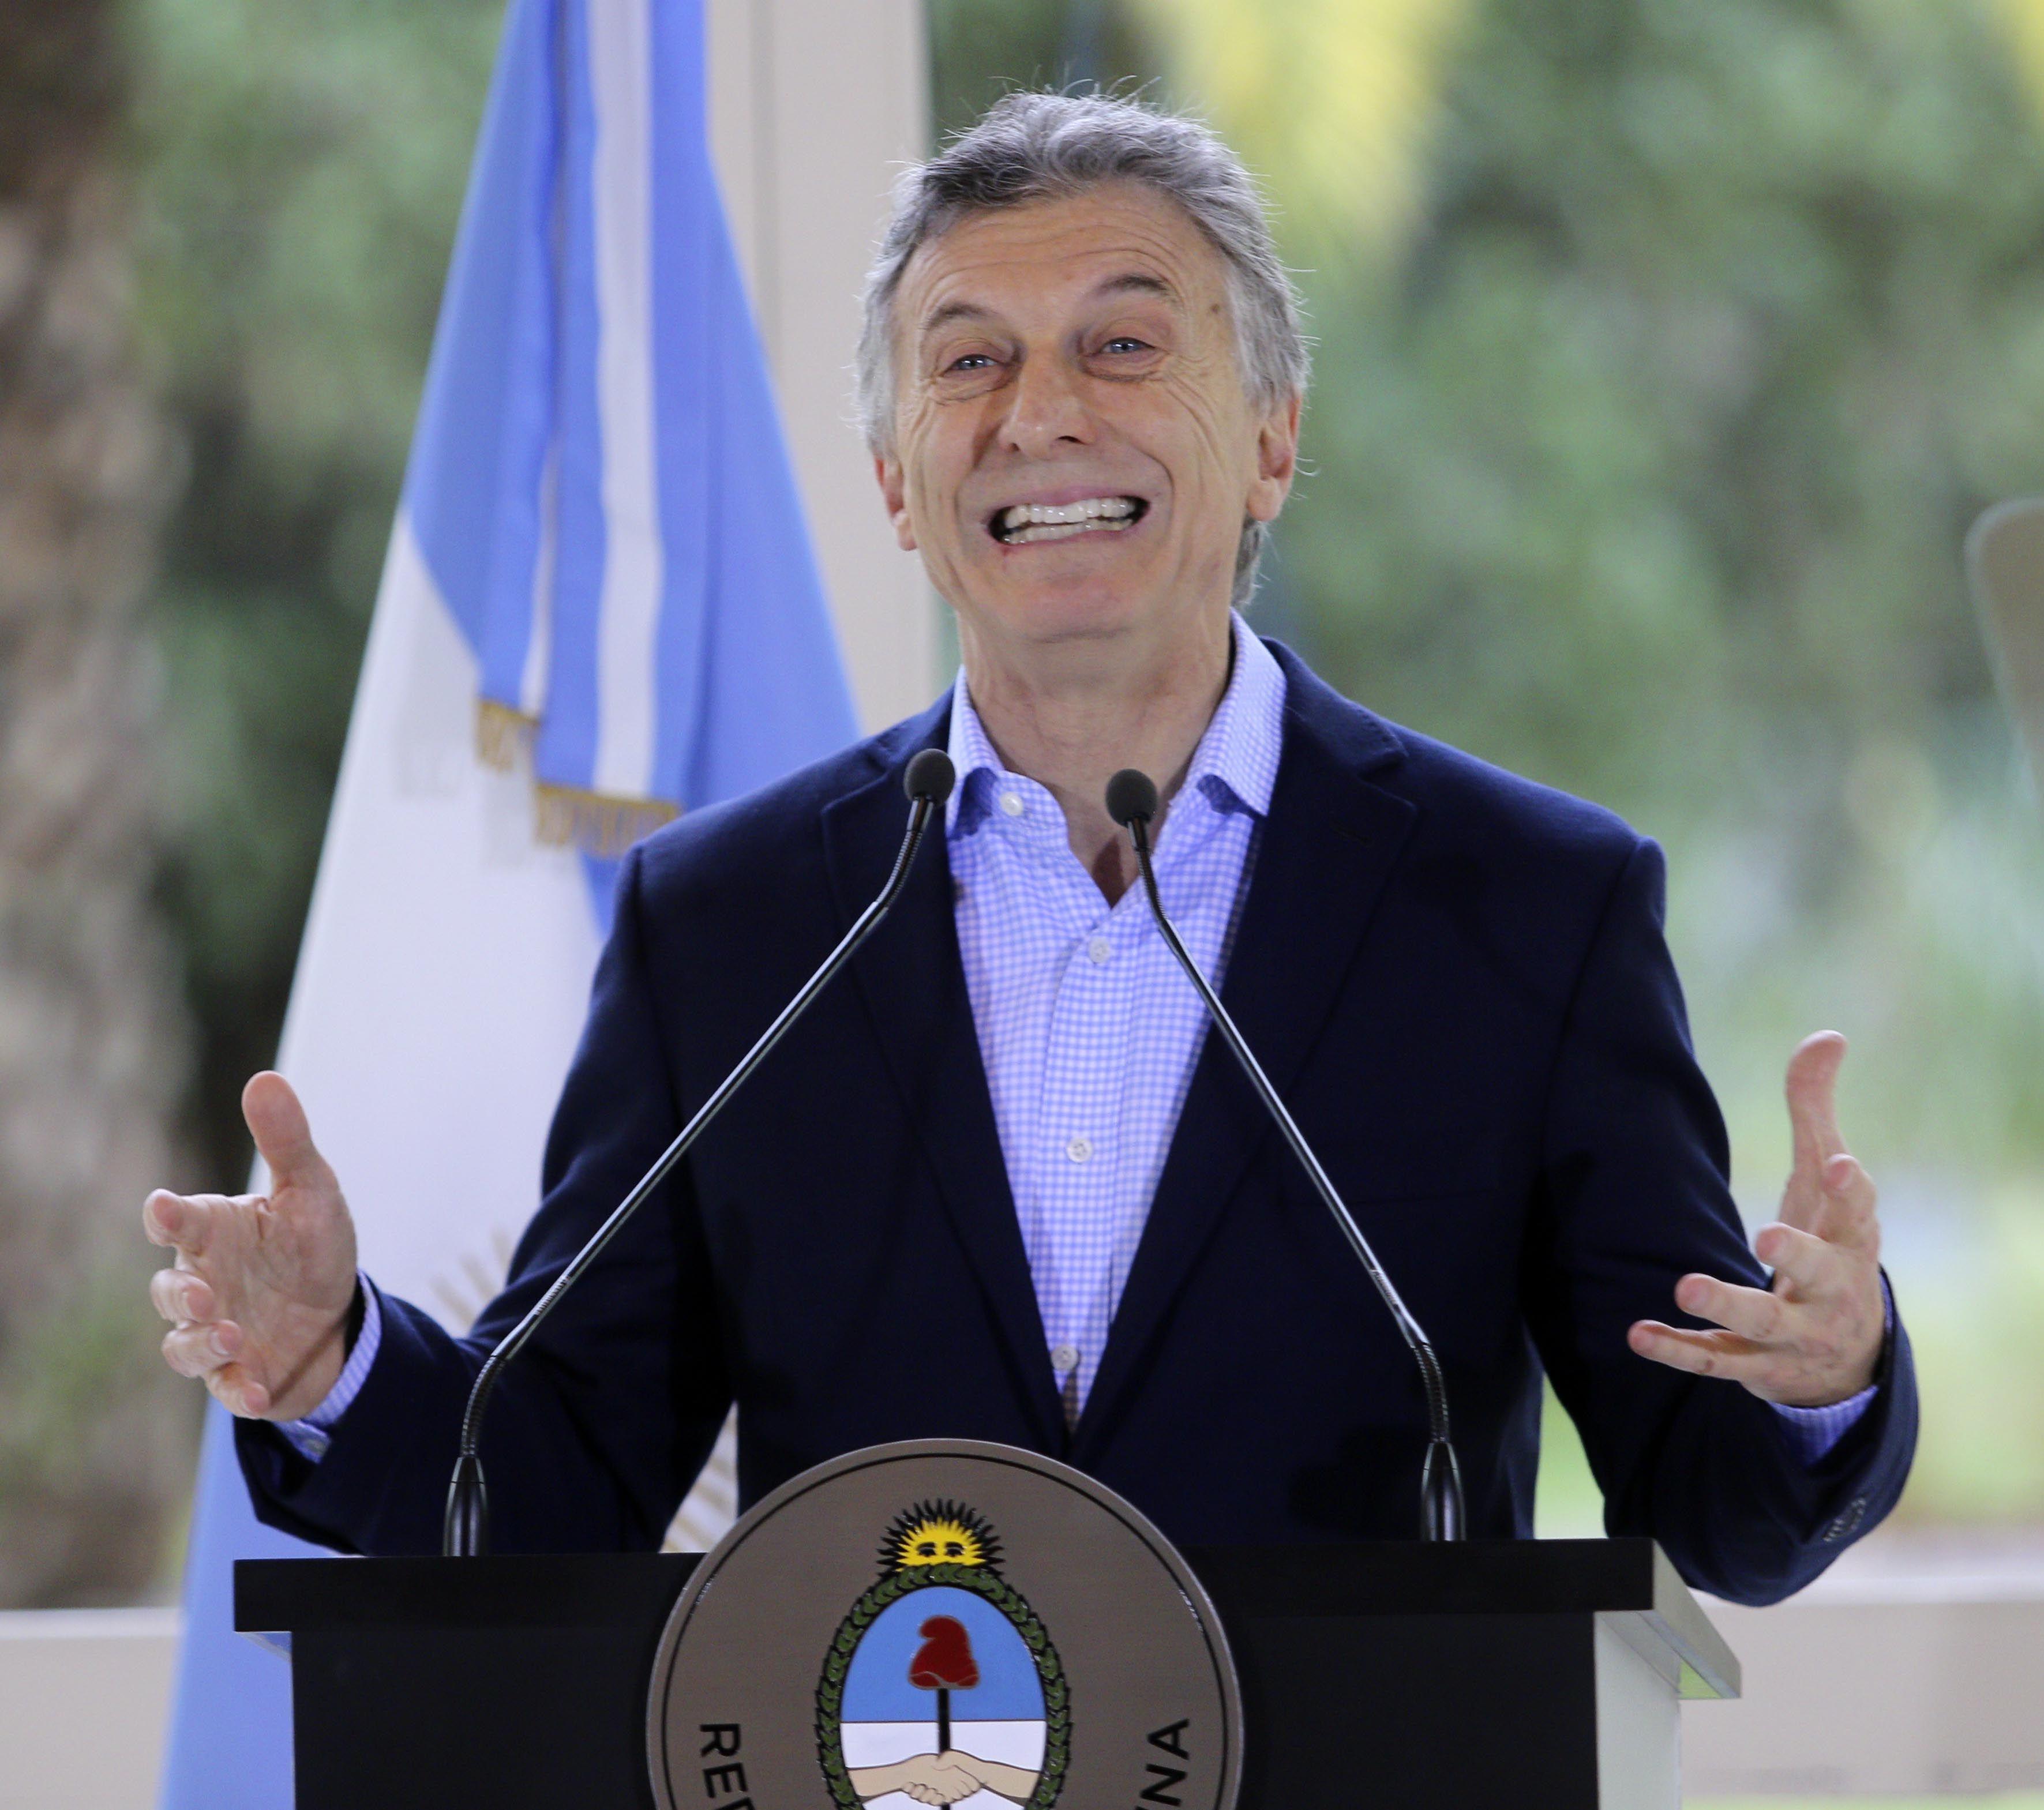 Para un juez, Macri te vamos a matar no es amenazante